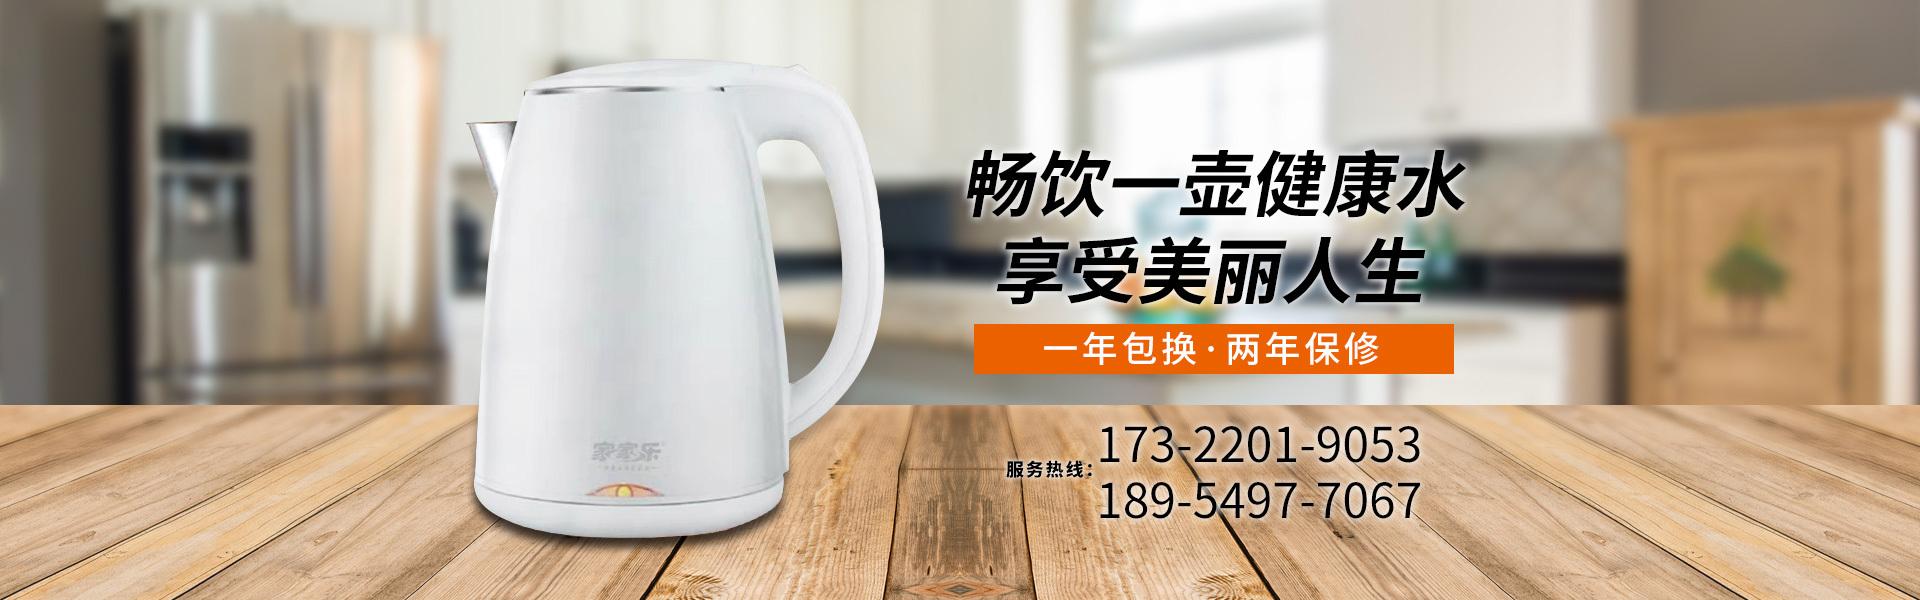 山东家家乐电器科技有限公司专注生产电热水壶,是电热水壶批发,电热水壶加盟的厂家,产品质量有保证,欢迎有意向加盟的朋友前来咨询:17322019053.